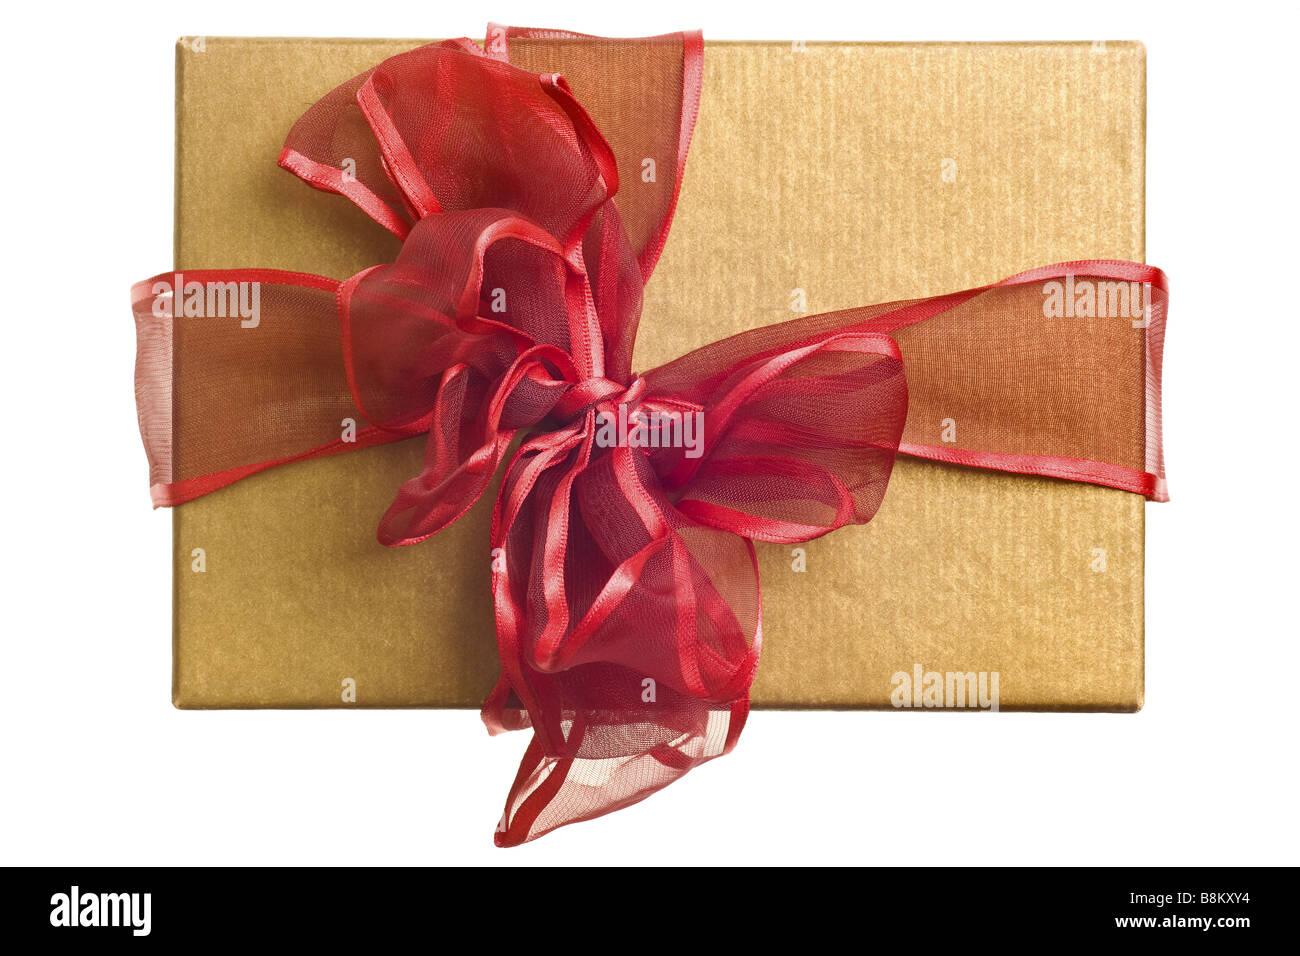 Gold Geschenk mit roter Schleife isoliert auf weißem Hintergrund Stockbild